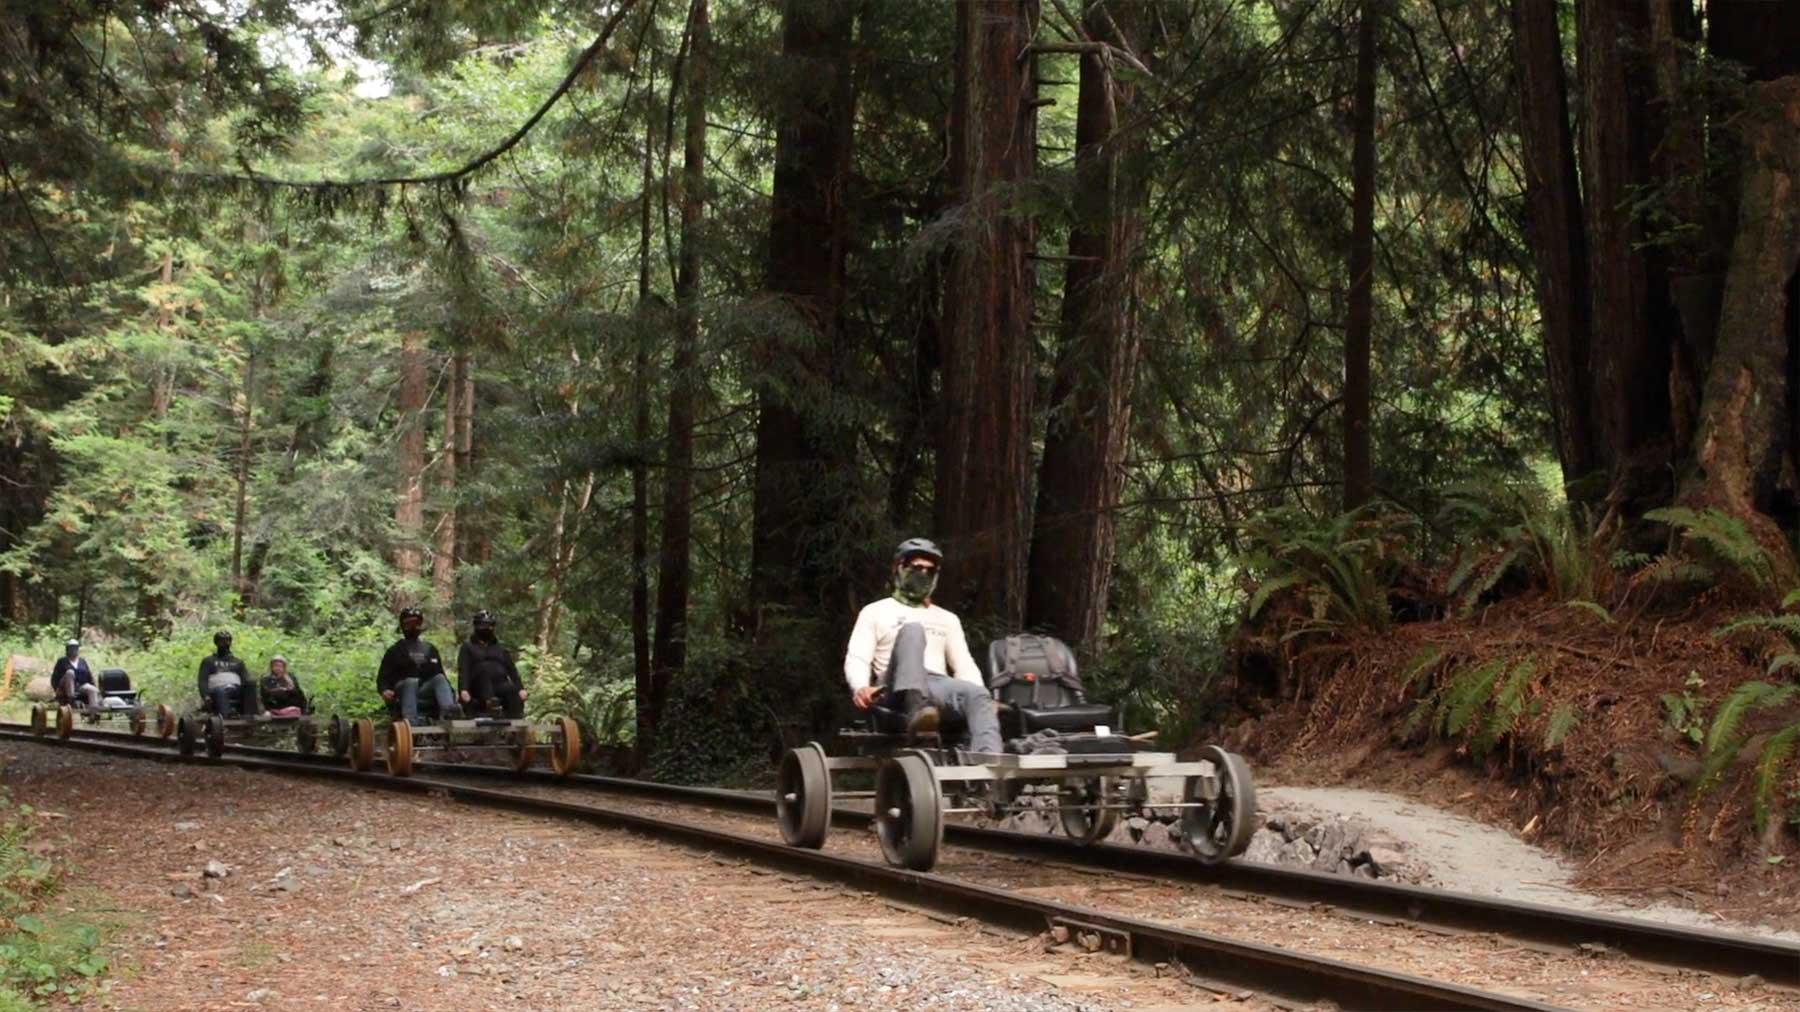 Mit dem Fahrrad auf Gleisen durch den Wald fahren draisine-mit-fahrrad-auf-gleisen-fahren